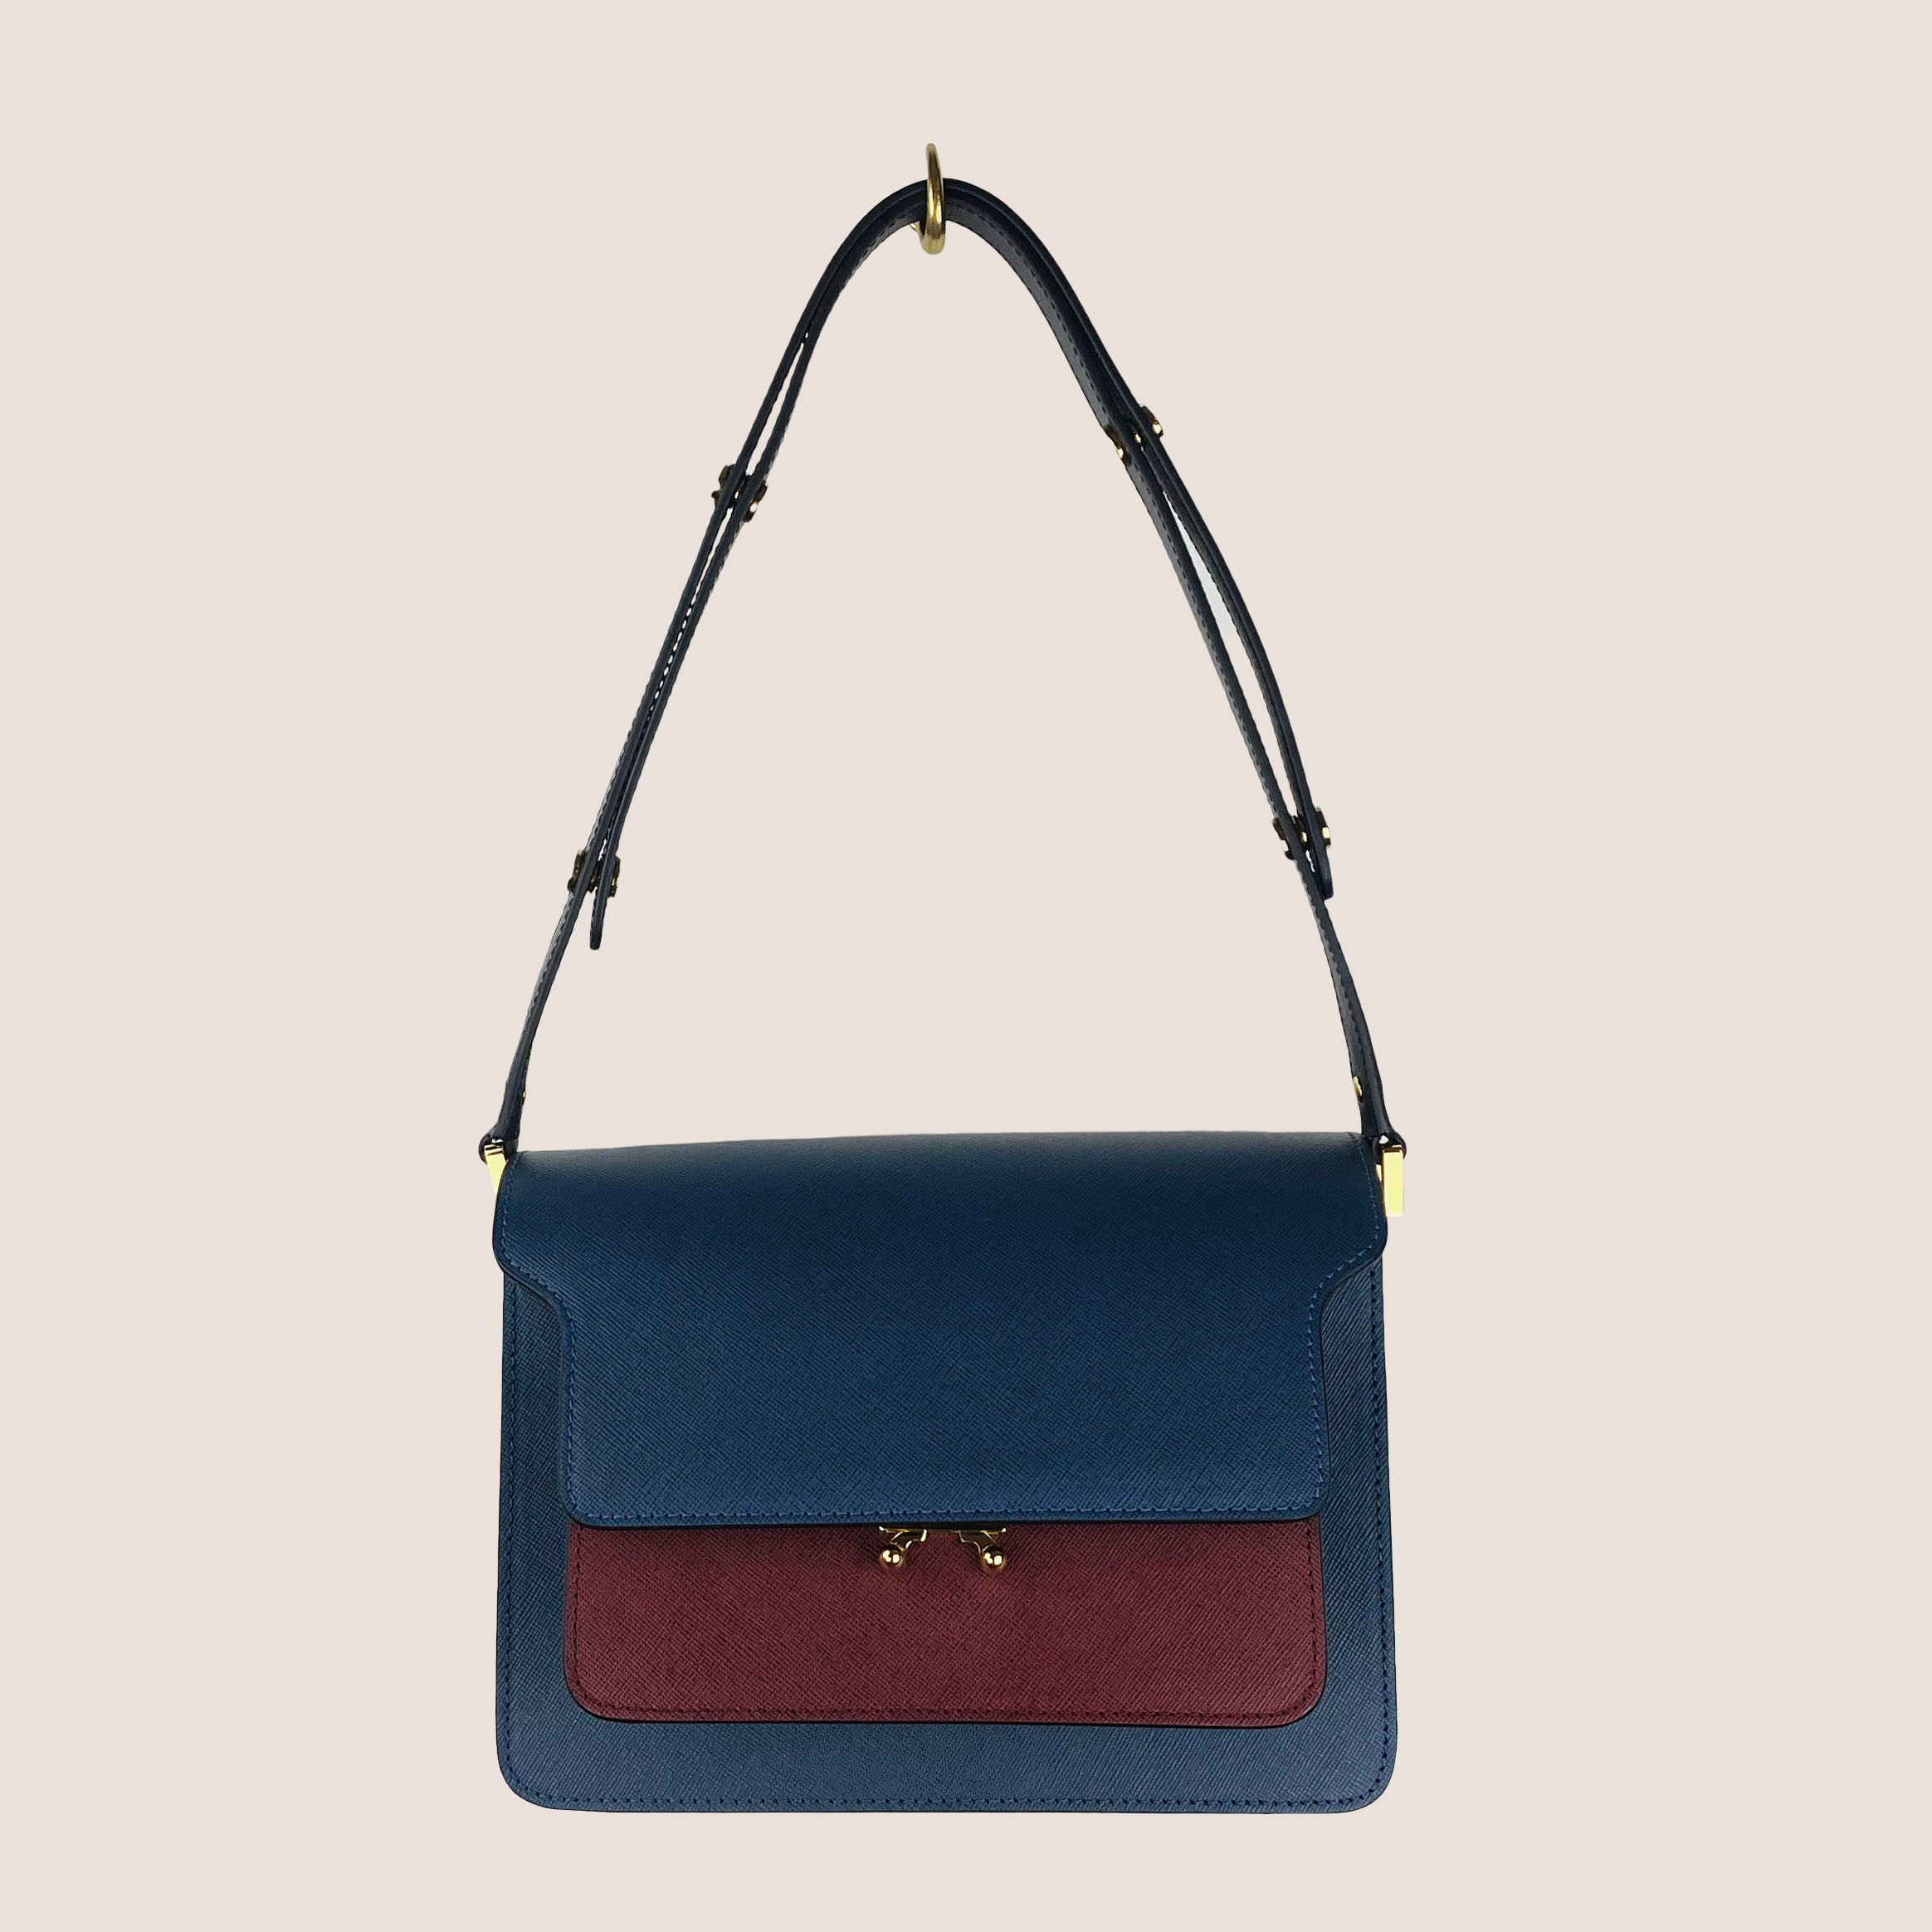 Trunk Bag Small Saffiano Multi